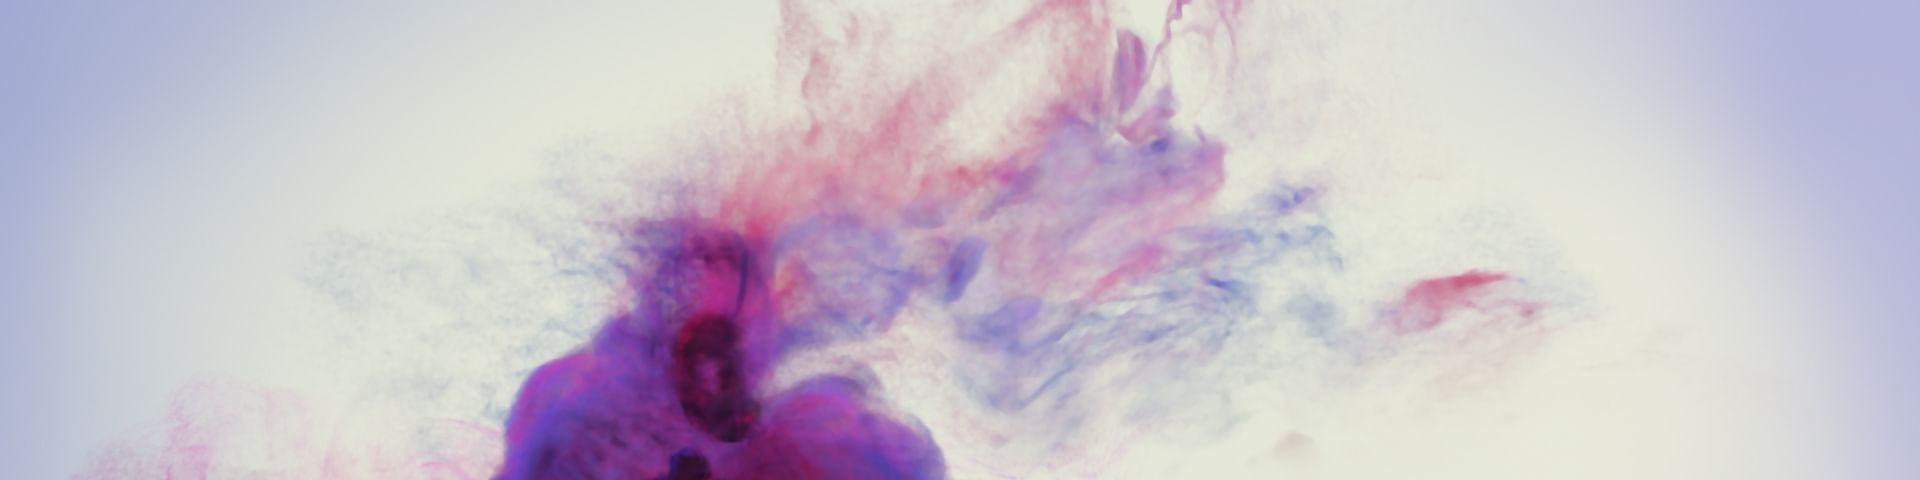 Die farbigen Collagen von Raphaël Barontini